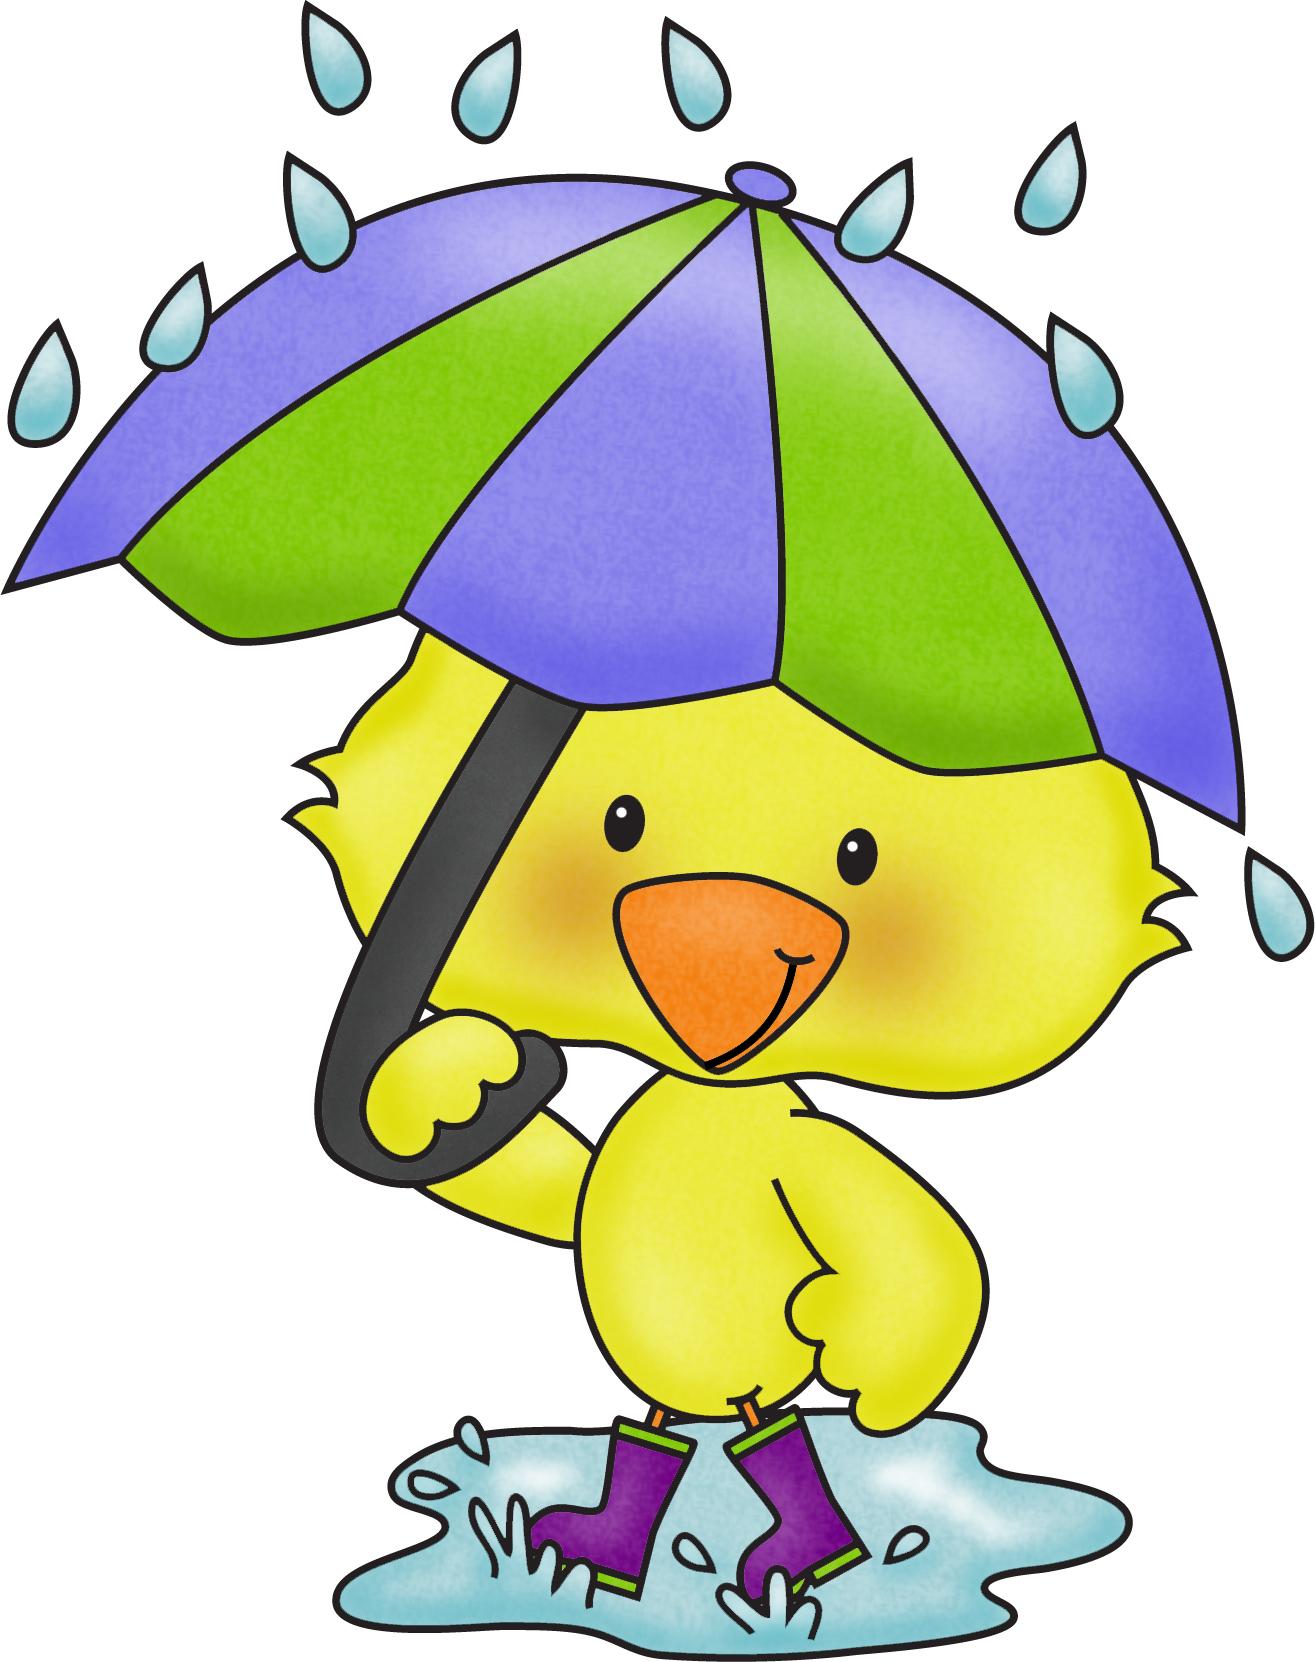 Clip Art. April Showers ... April_AprilS-Clip Art. April Showers ... April_AprilShowers.jpg-15